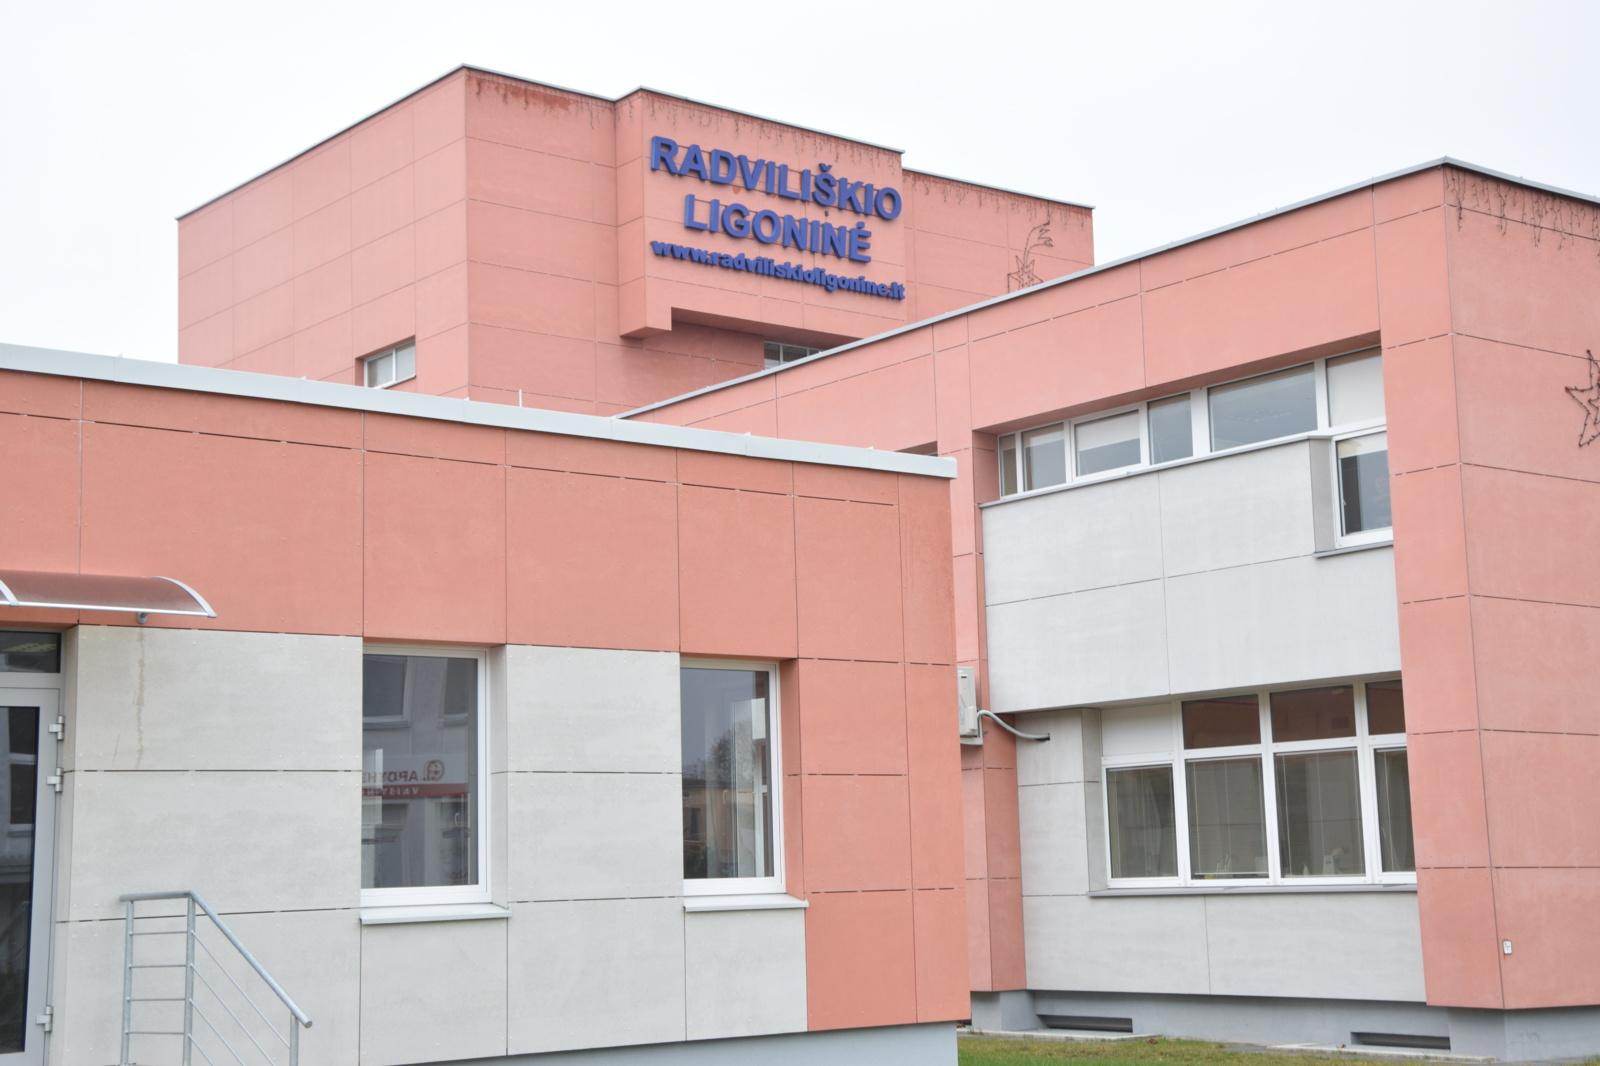 Grėsmingu COVID-19 židiniu buvusi Radviliškio ligoninė atnaujina veiklą